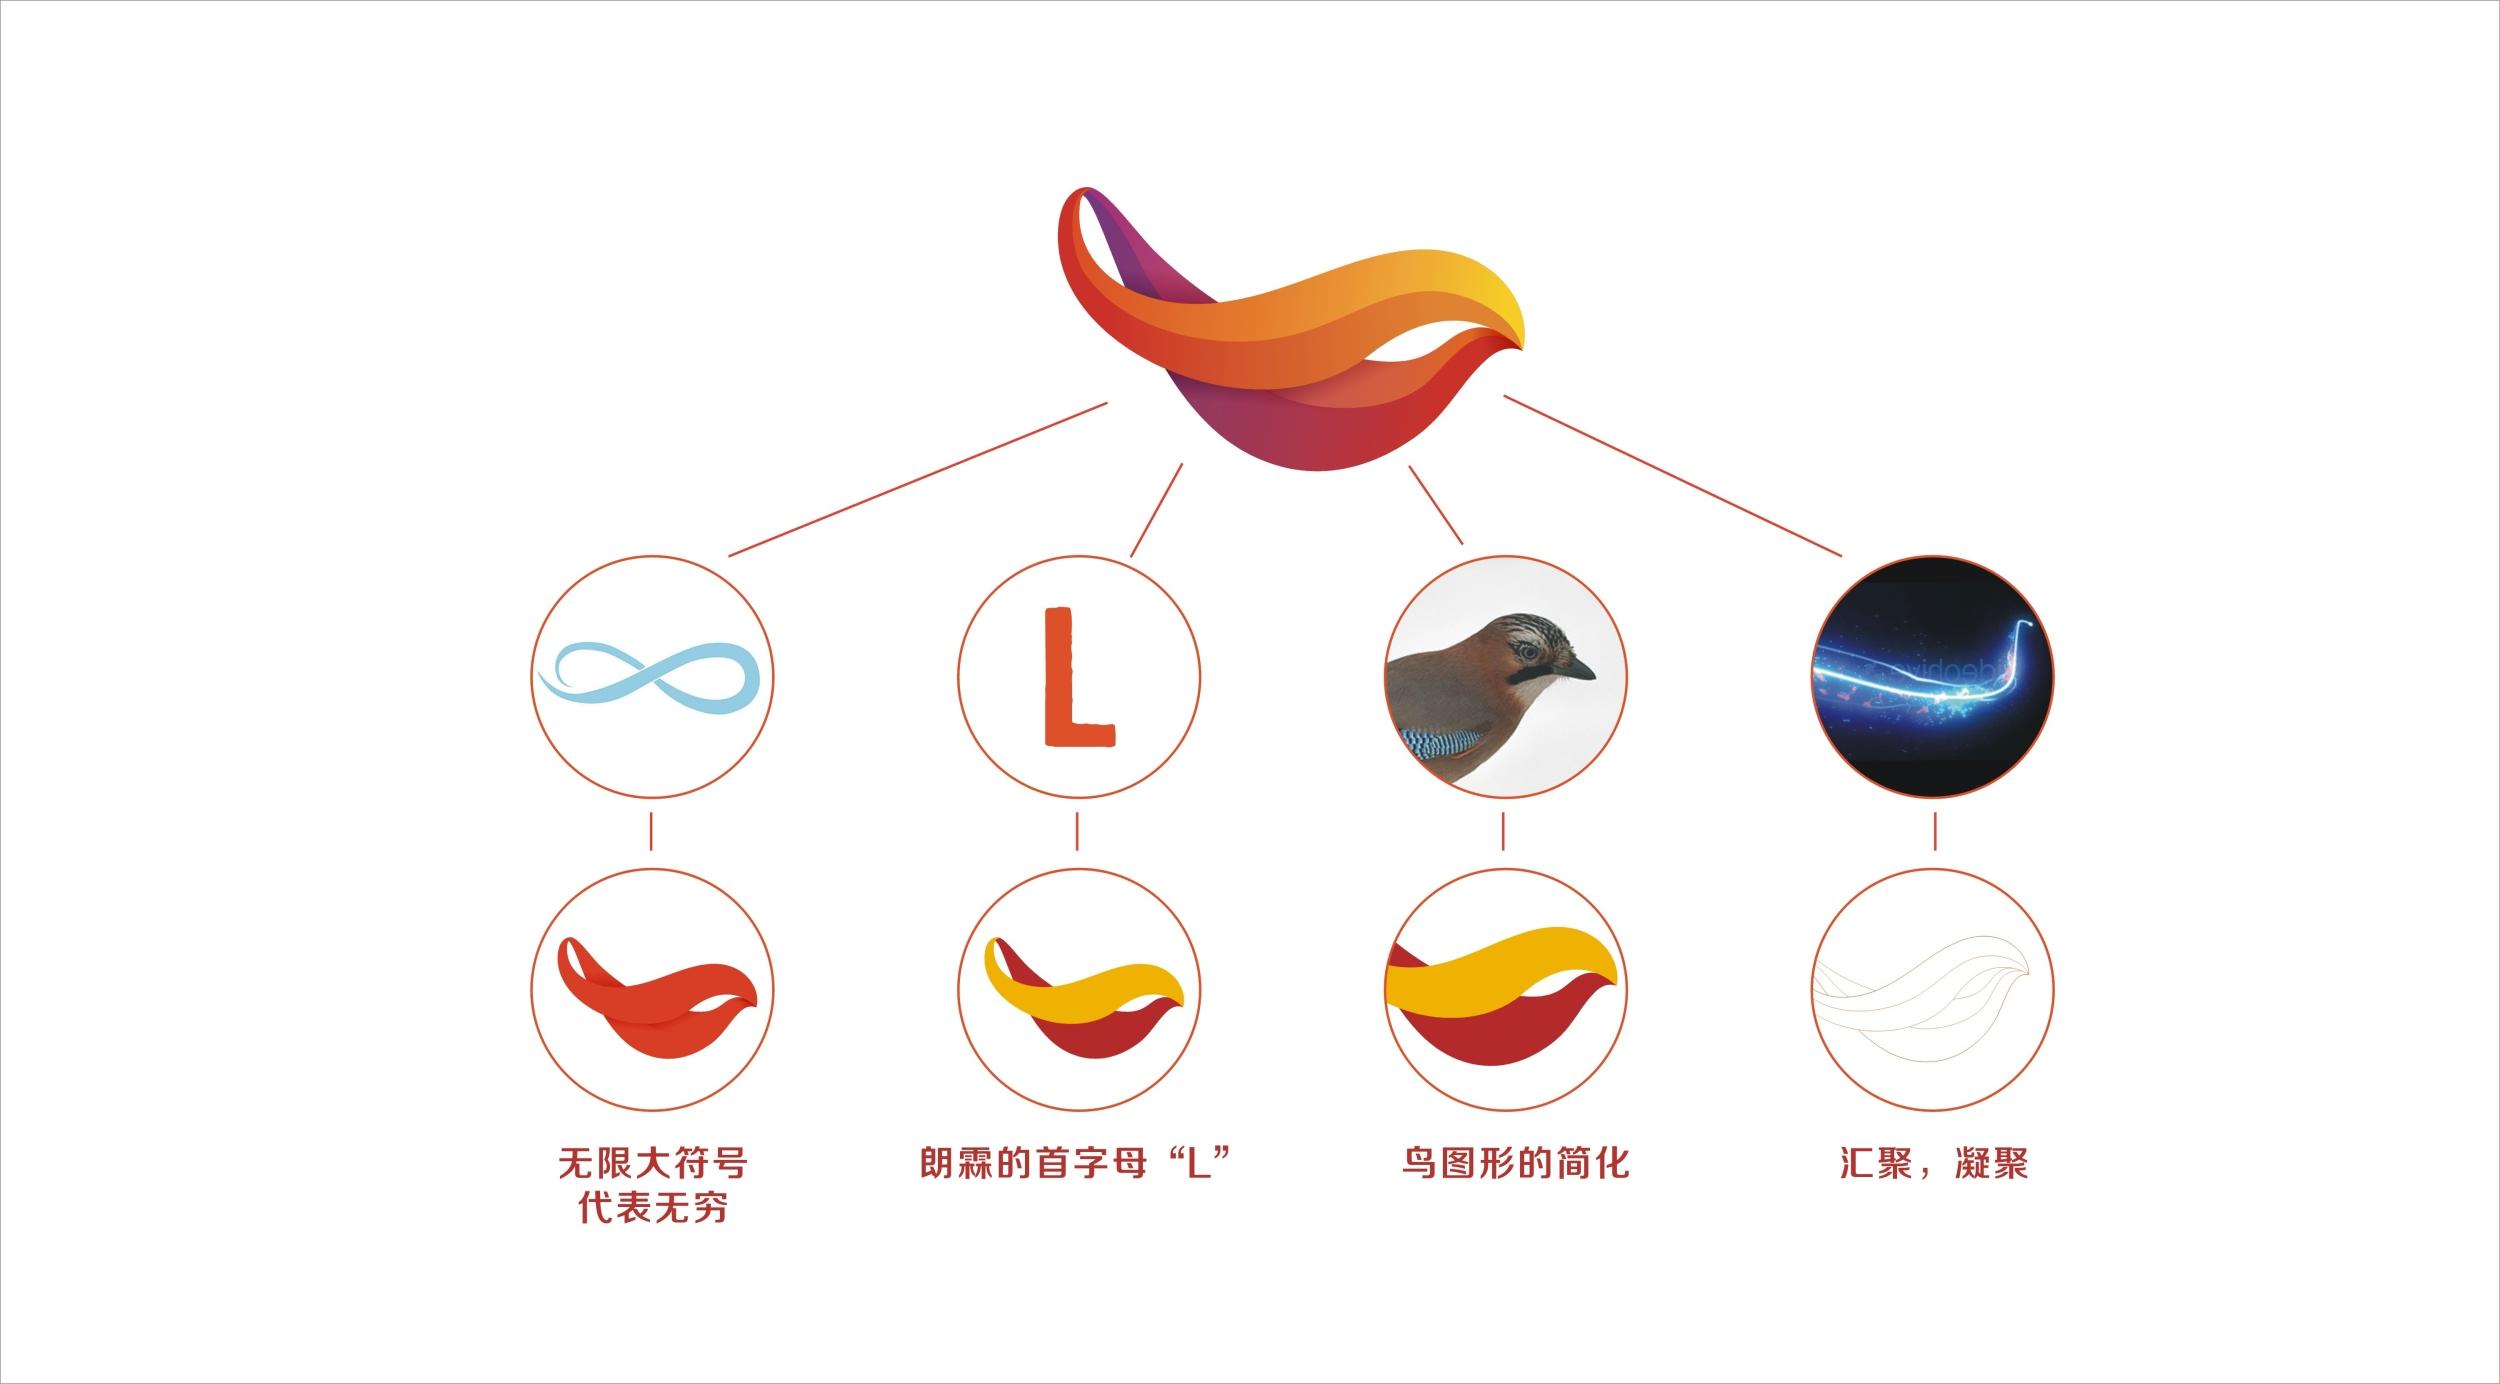 四川郎霖农业科技有限公司7